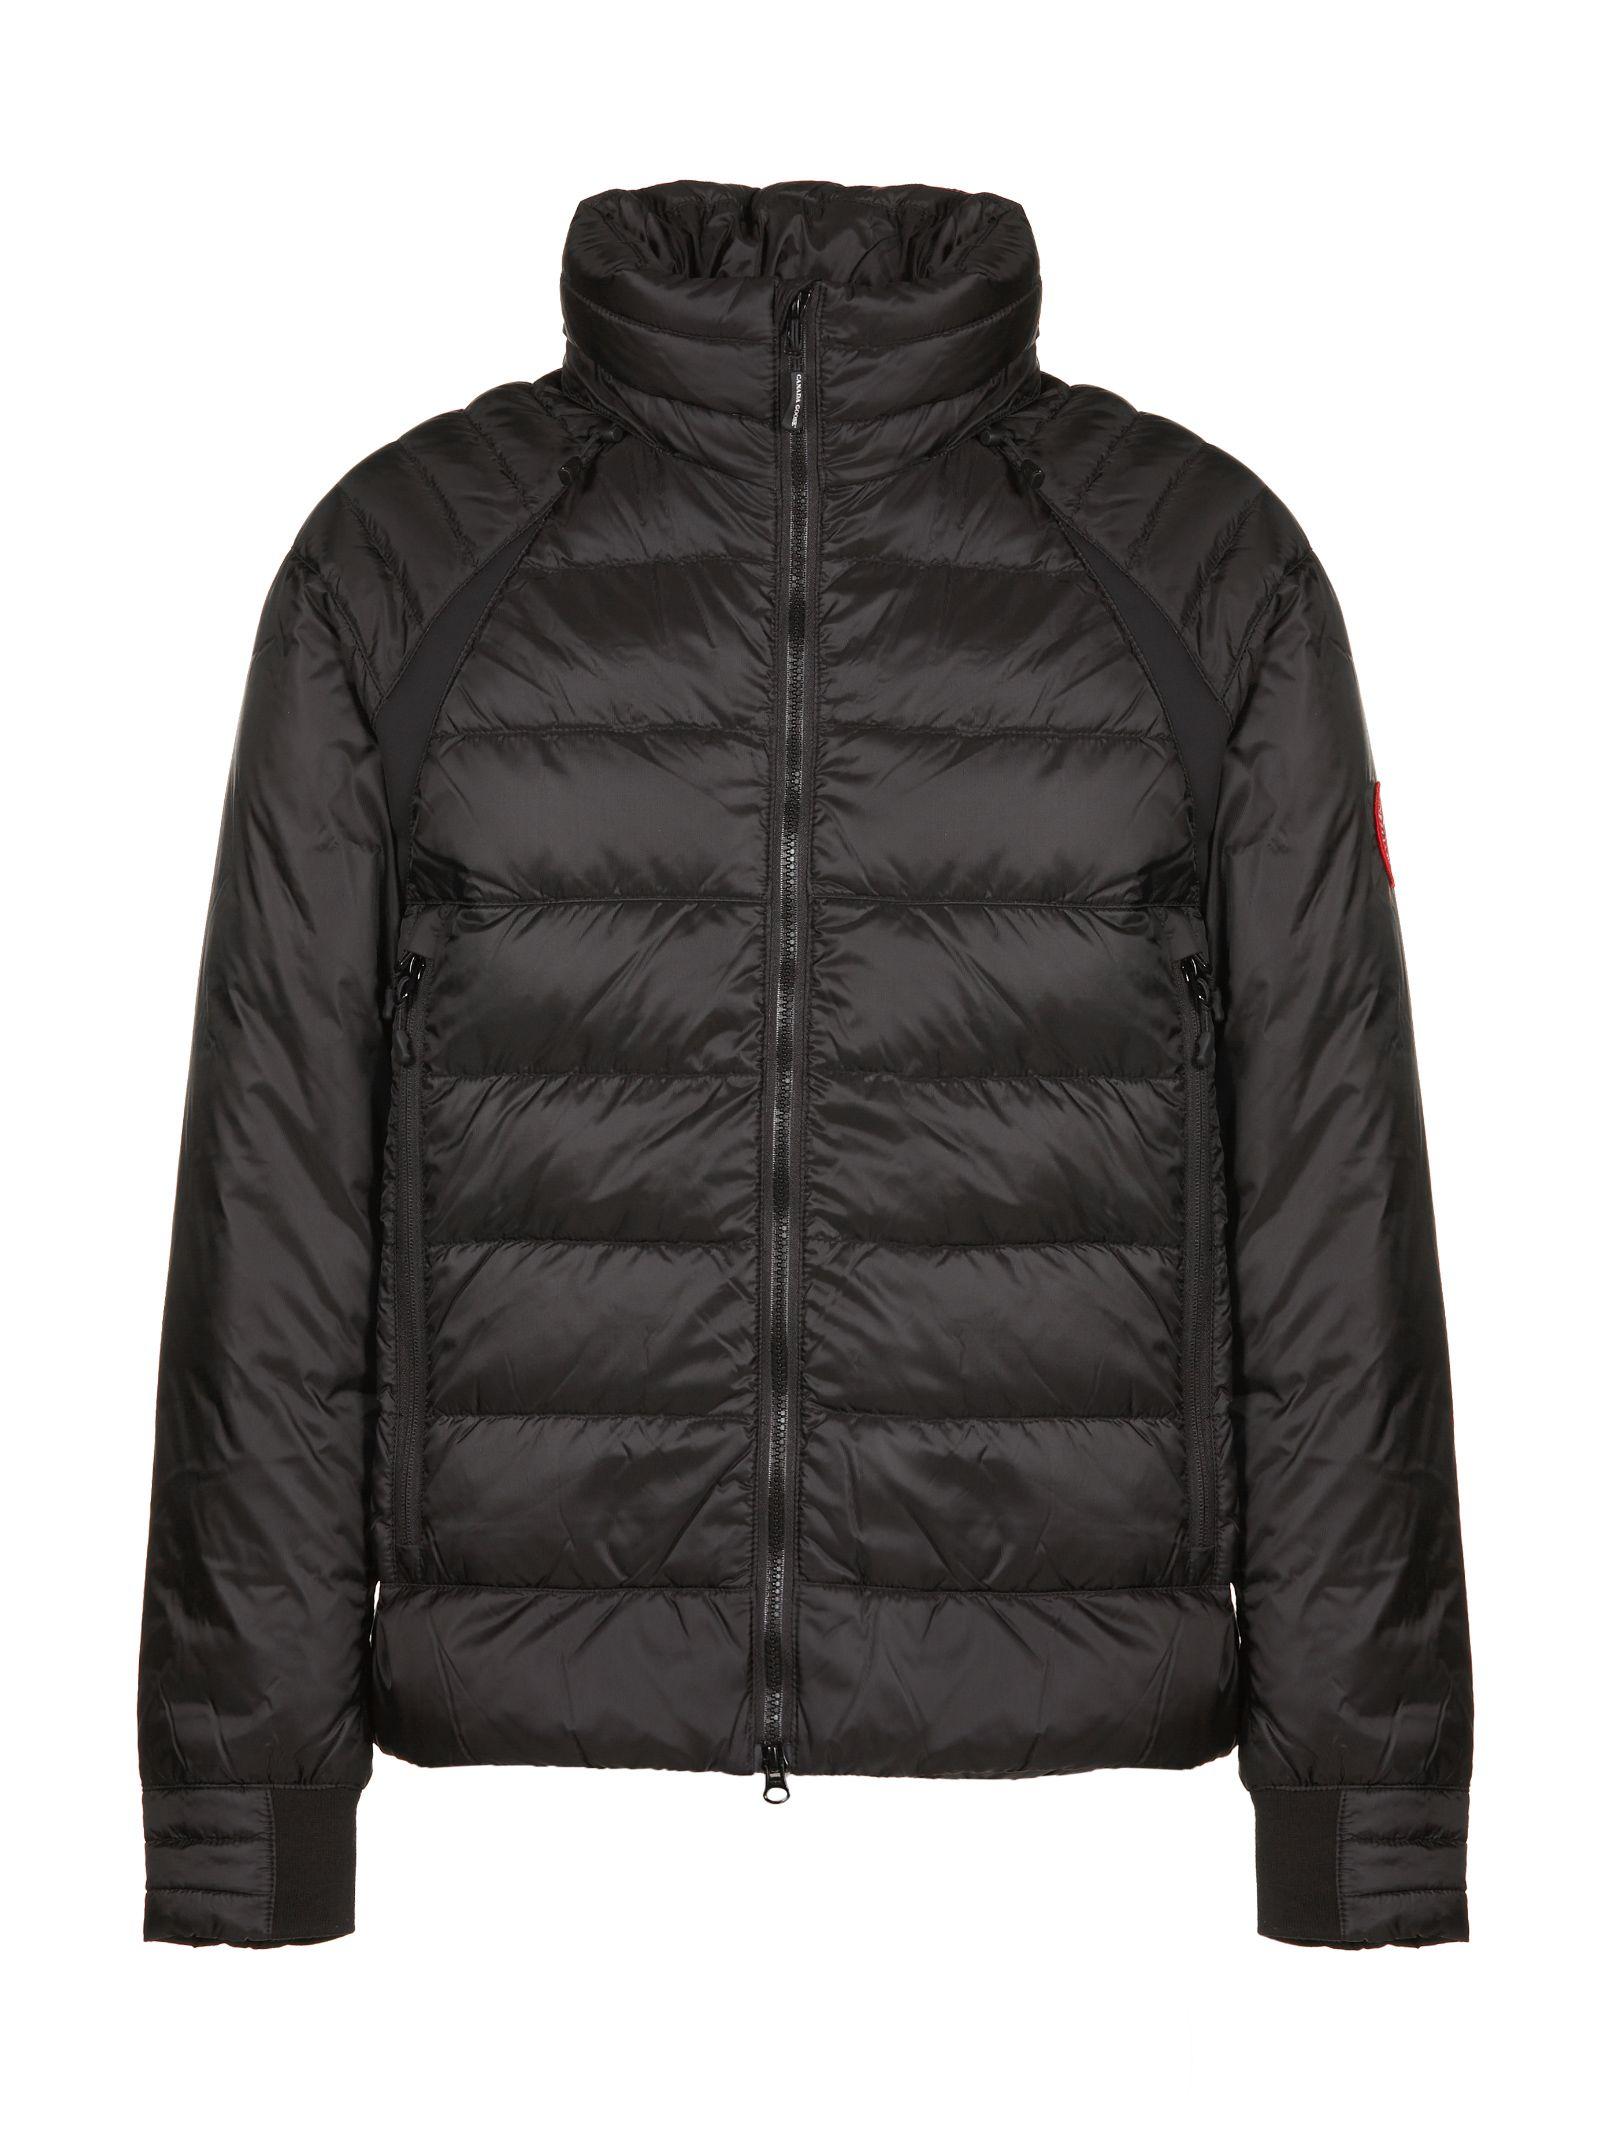 c0ca81e5b Buy coats & jackets for men - Best men's coats & jackets shop ...